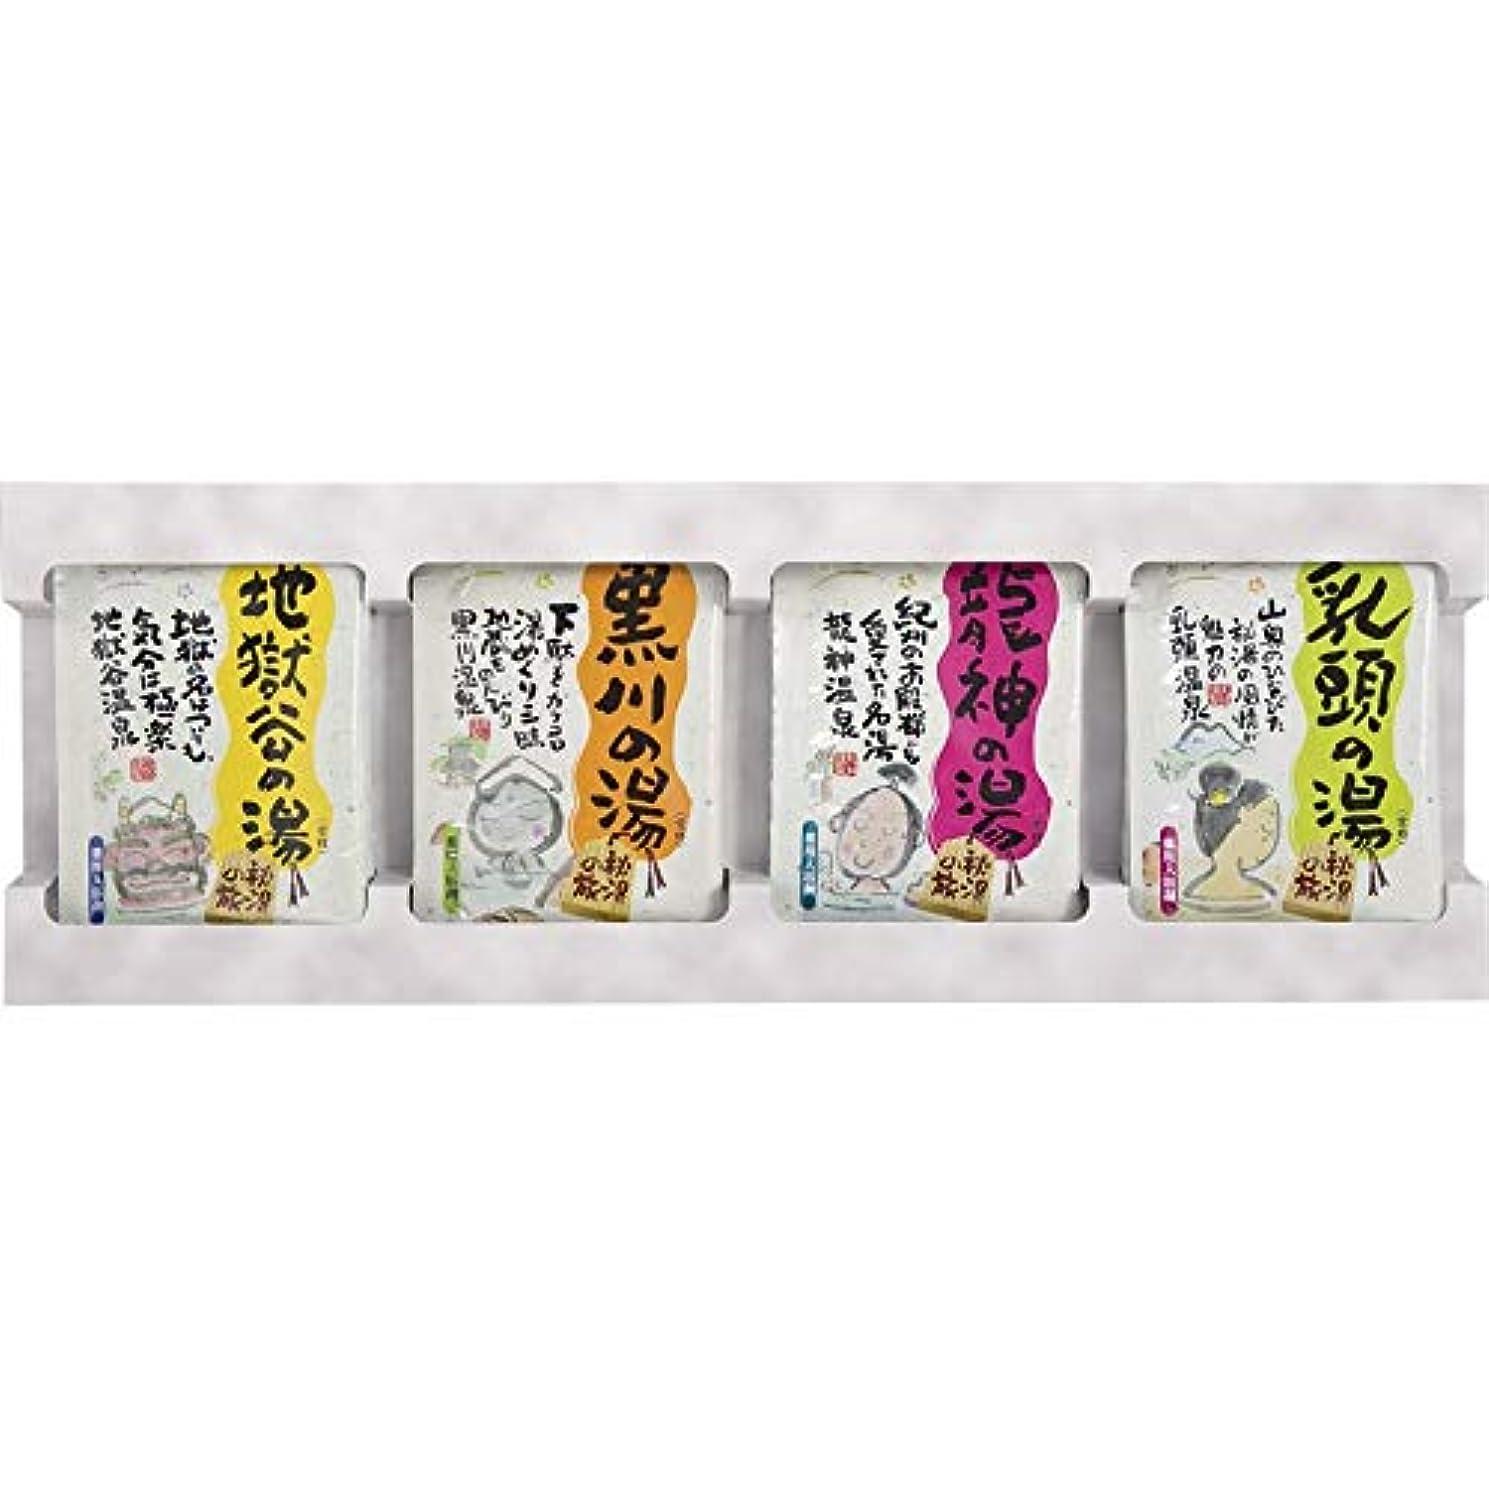 フォーマルシミュレートする微視的薬用入浴剤秘湯の旅10P PH-10P 【やくようにゅうよくざい ひとうのたび 日本製 国産 せっと セット 10包 】